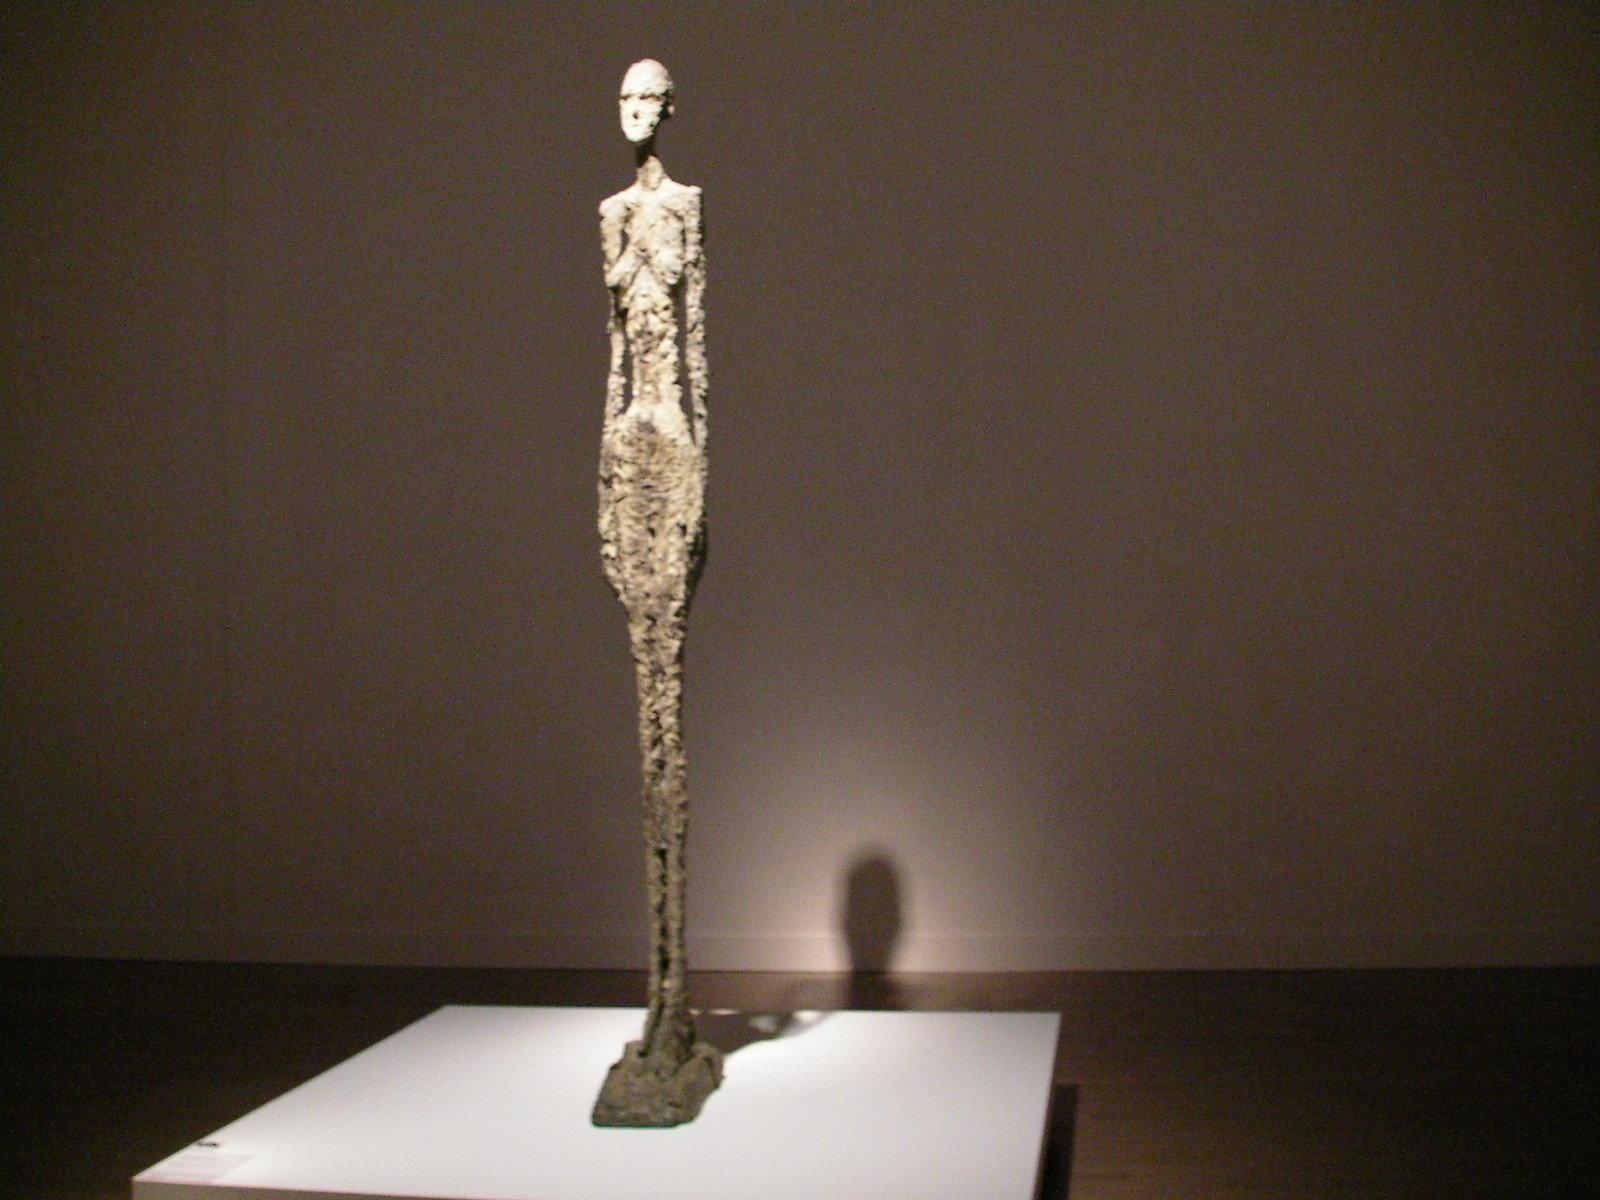 大きな女性立像Ⅱ 1960年